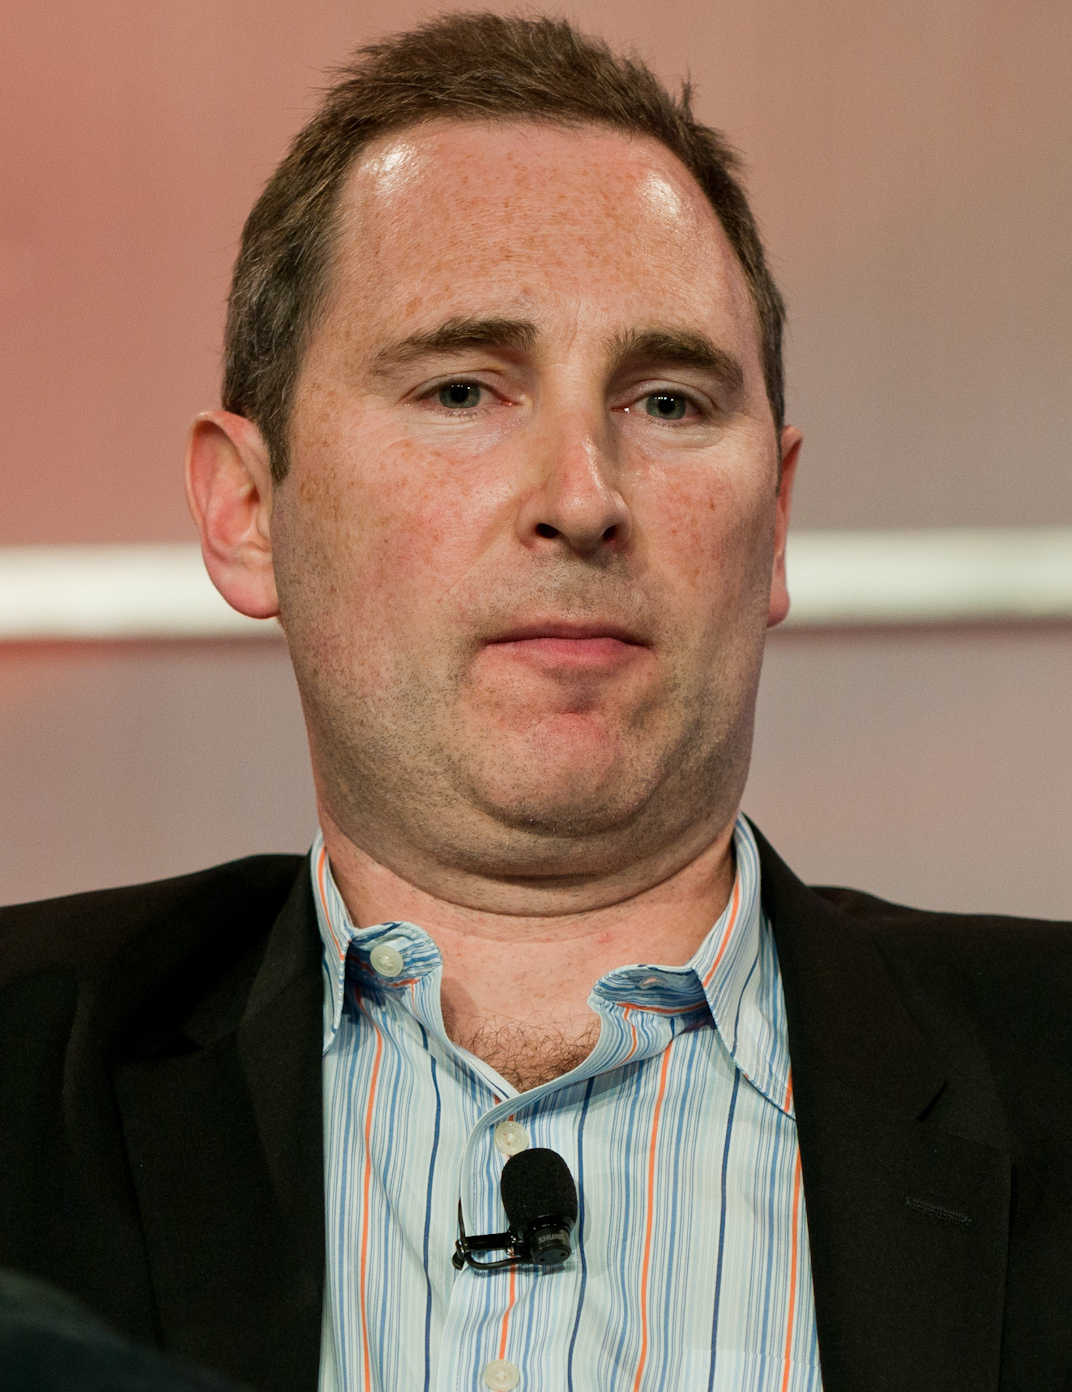 Andy Jassy - Amazon CEO